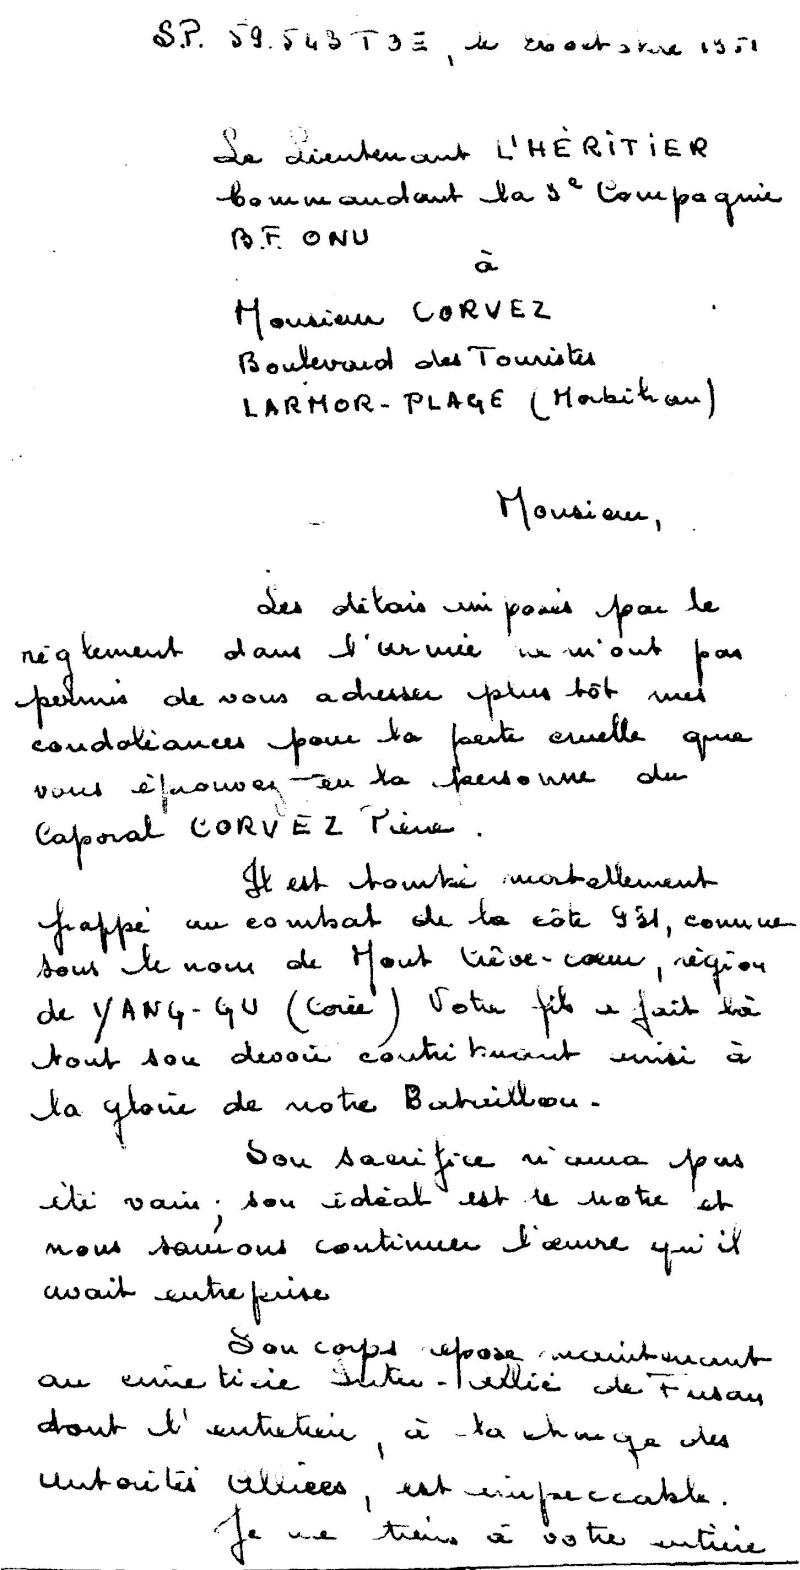 Histoire d'un volontaire Français du BF ONU File0018